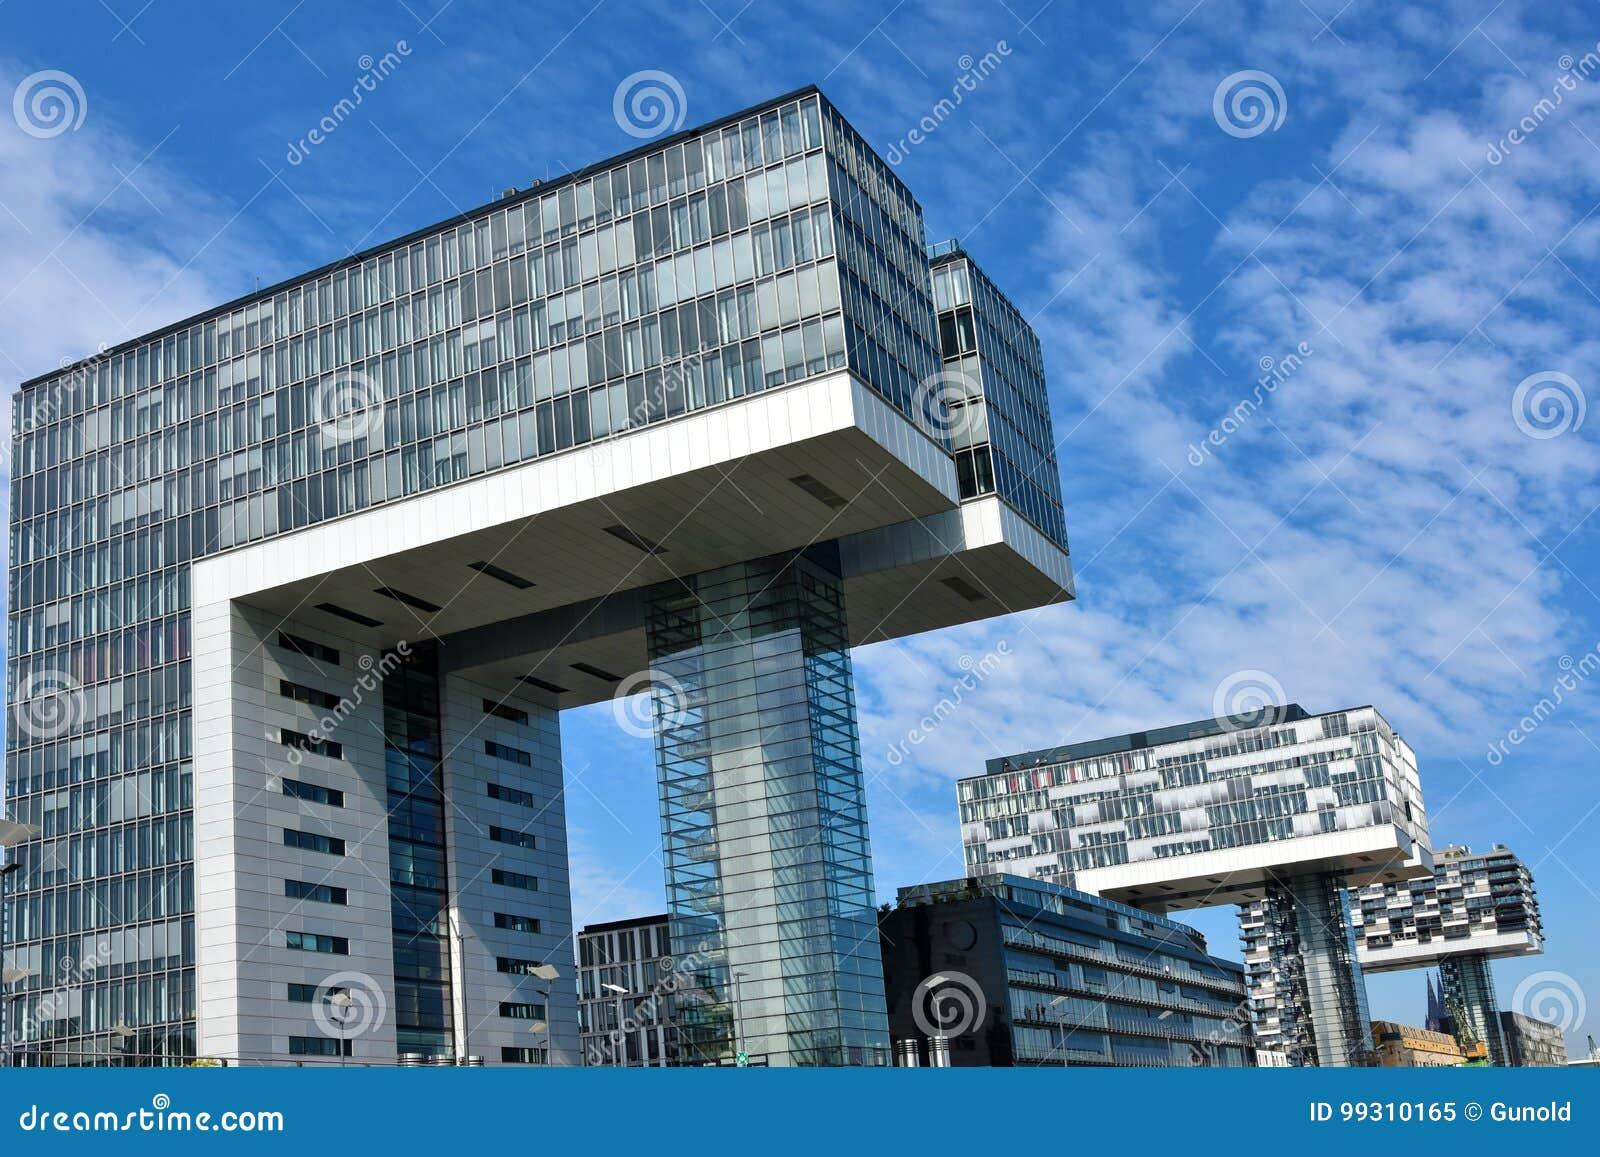 Kranhaus, Moderne Architektur, Bei Köln Redaktionelles Bild - Bild ...